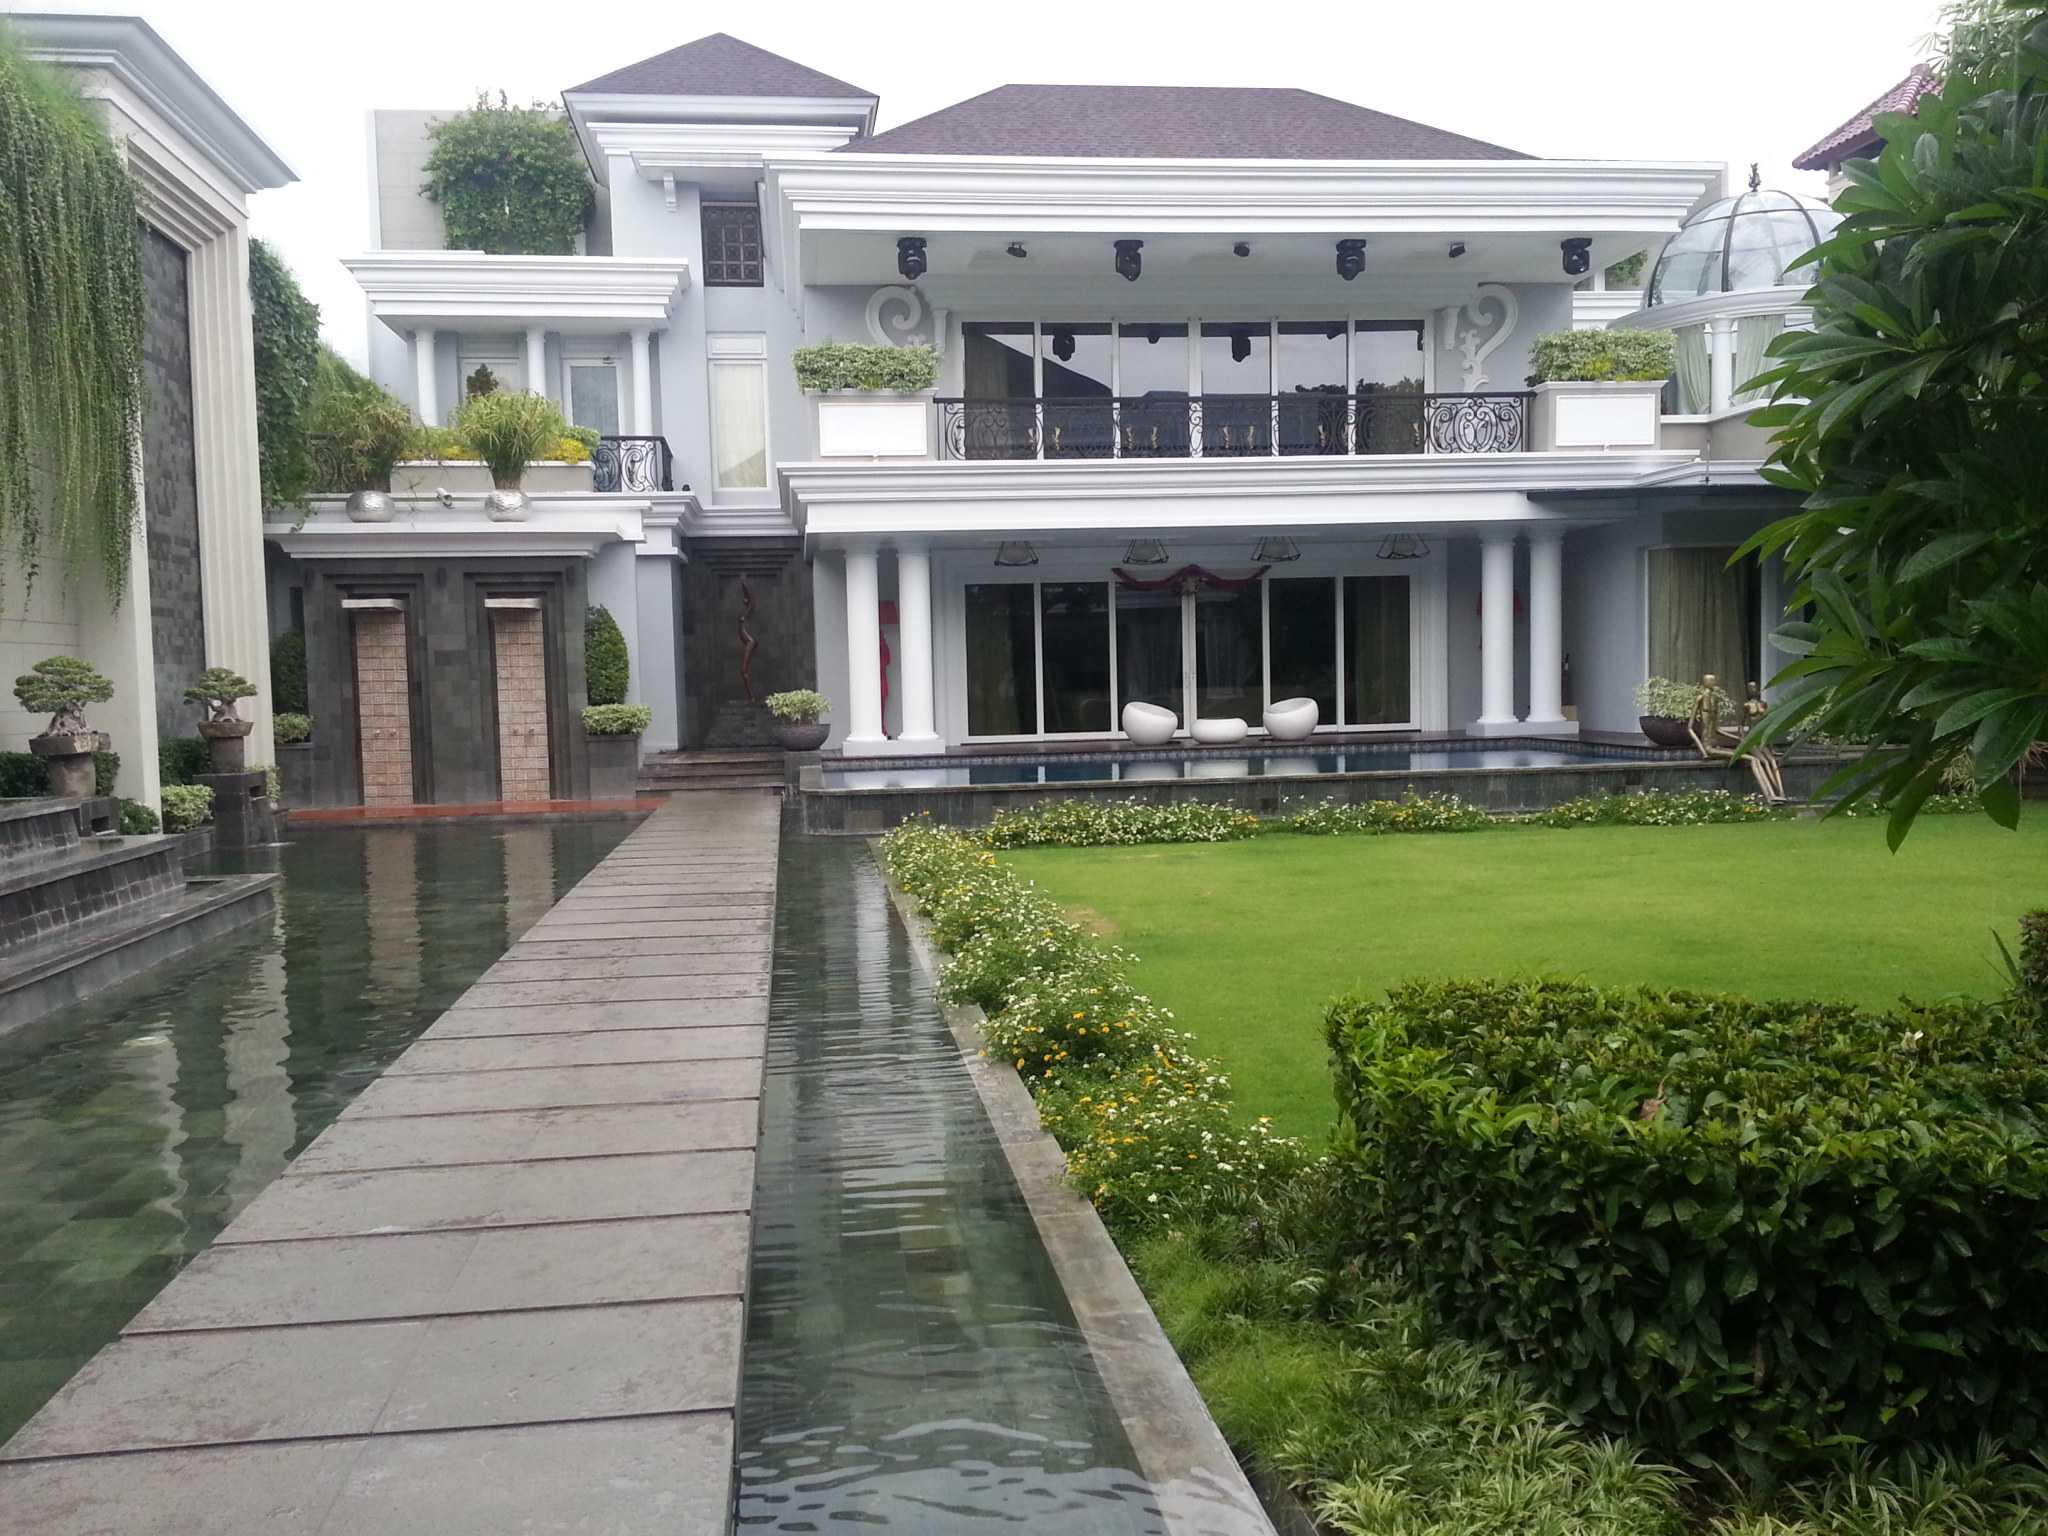 A N J A R S I T E K Classical House - Renon / Denpasar - Bali Renon, South Denpasar, Denpasar City, Bali, Indonesia Renon, South Denpasar, Denpasar City, Bali, Indonesia A-N-J-A-R-S-I-T-E-K-Classic-House-Renon-Bali   103448